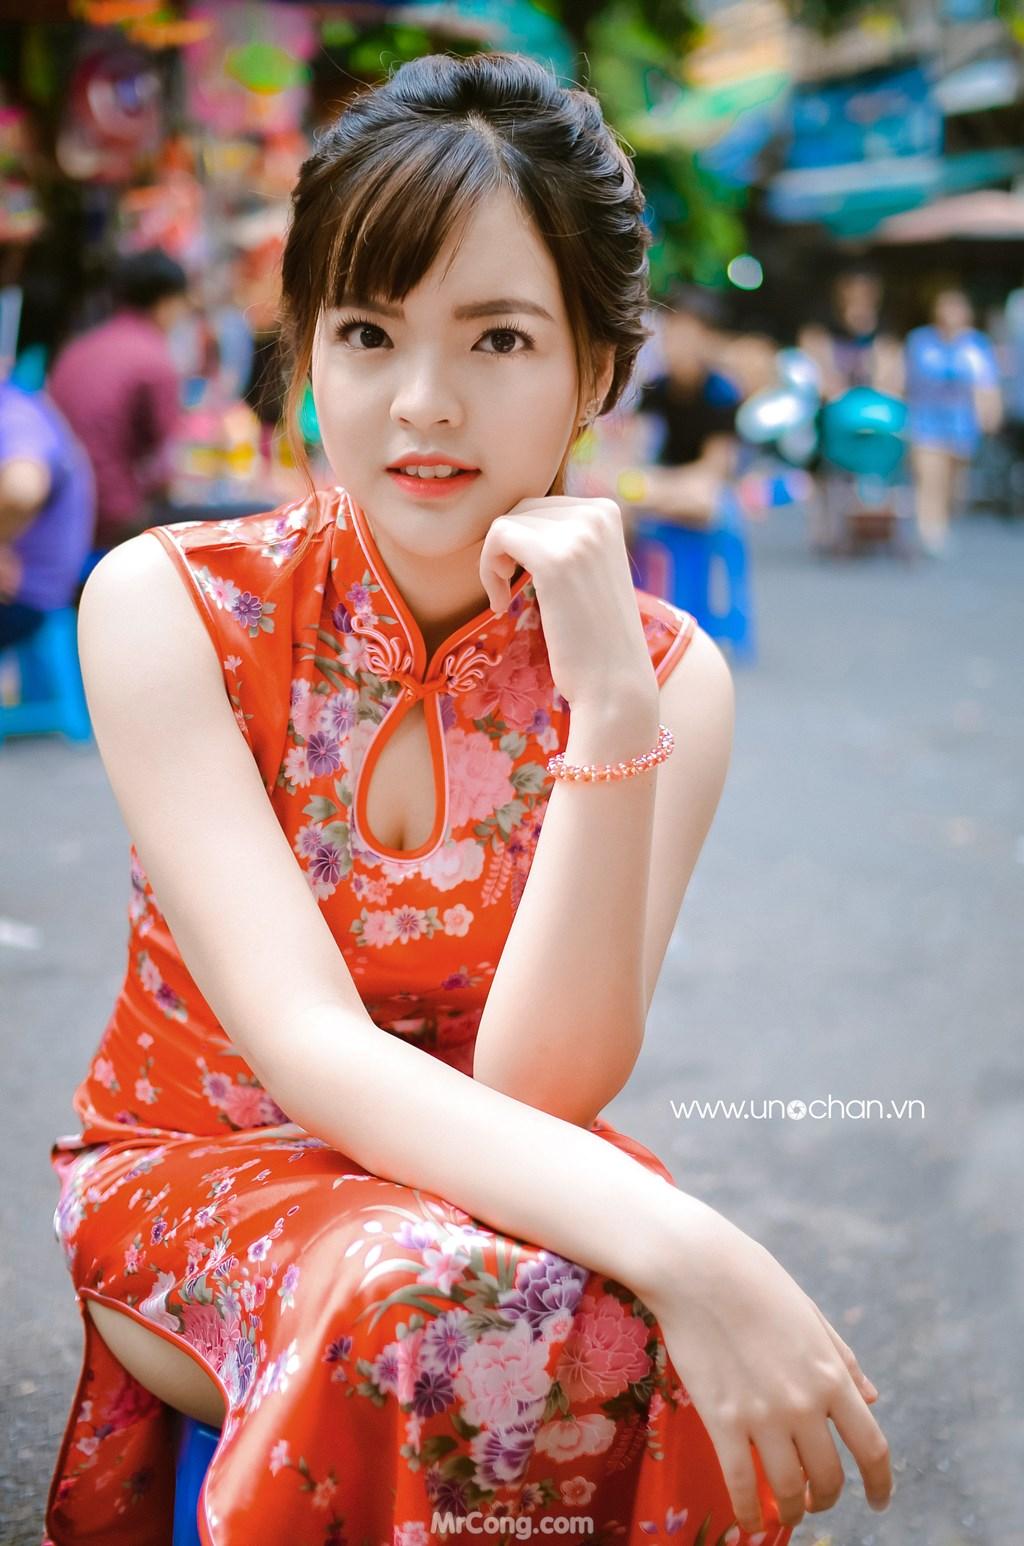 Image Vietnamese-Girls-by-Chan-Hong-Vuong-Uno-Chan-MrCong.com-103 in post Gái Việt duyên dáng, quyến rũ qua góc chụp của Chan Hong Vuong (250 ảnh)